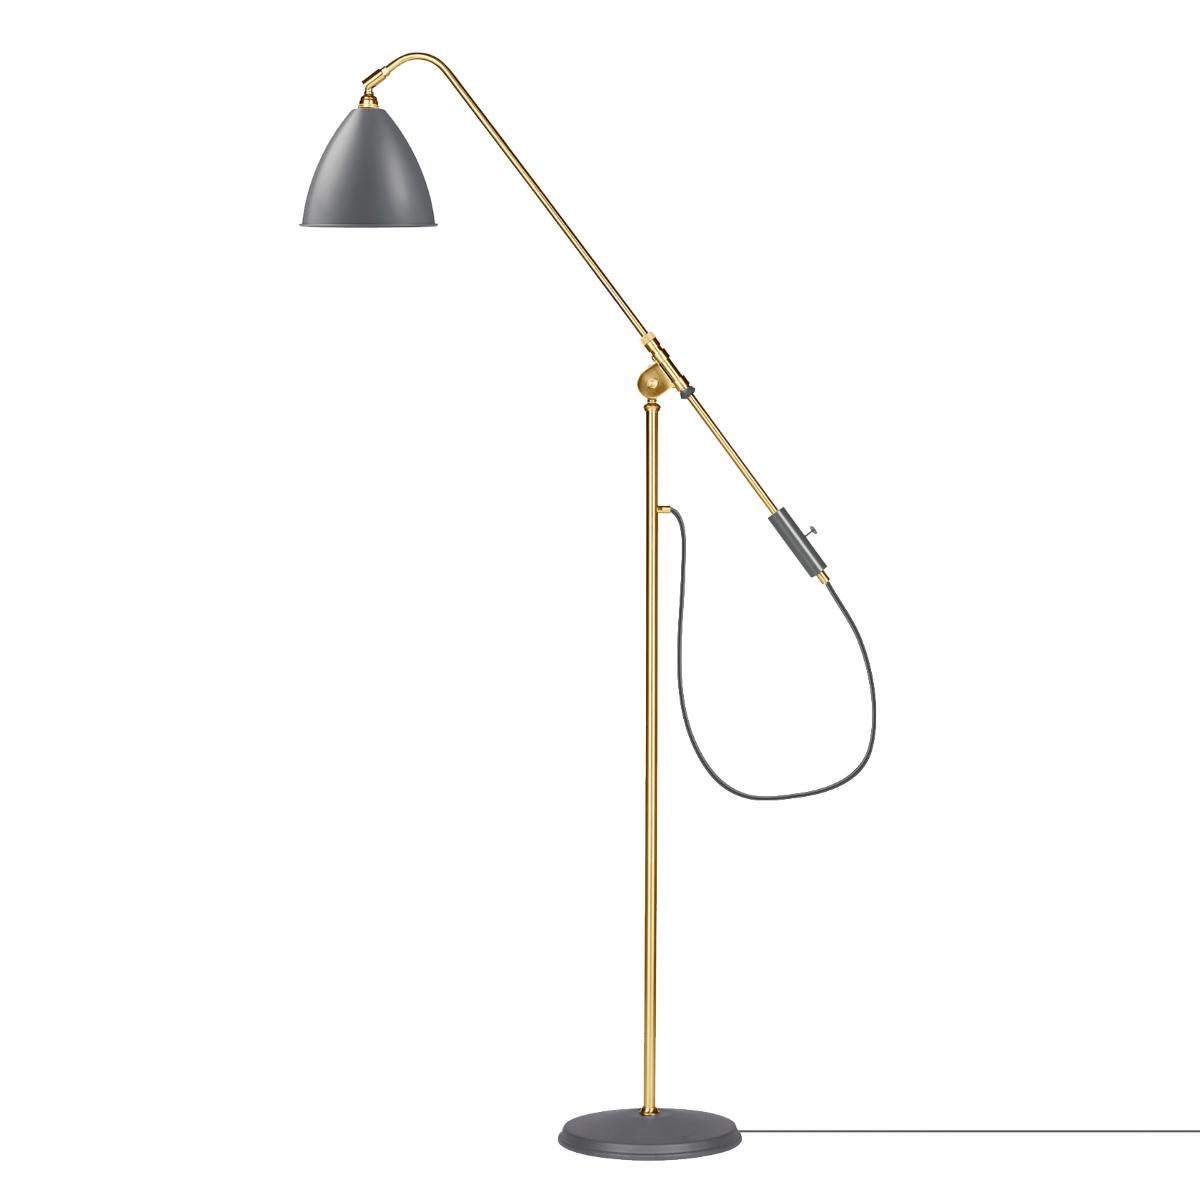 Stehleuchte Retro Orange Stehlampe Brauner Schirm Stehlampe